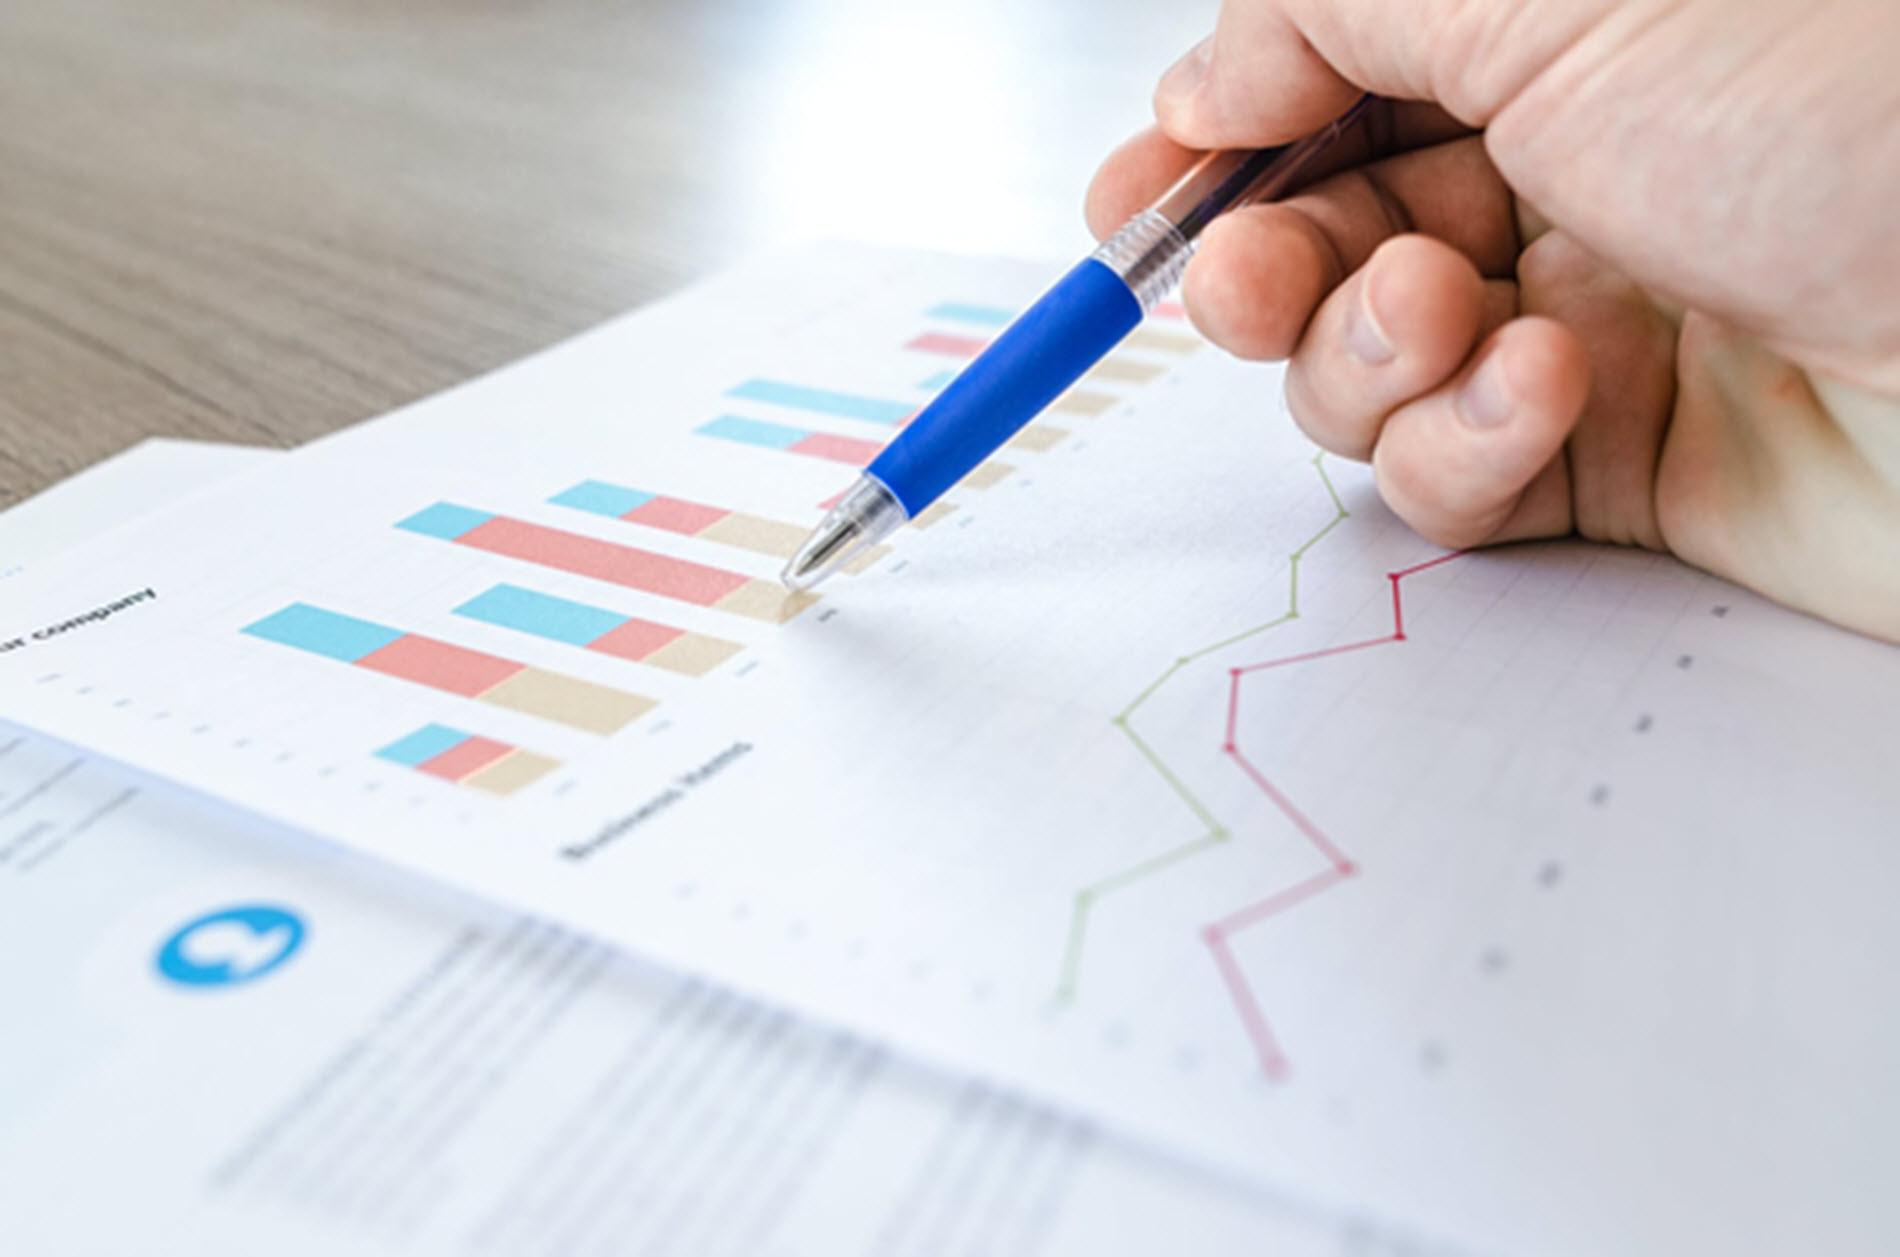 Cải thiện chiến lược SEO của bạn với bốn công cụ phân tích này